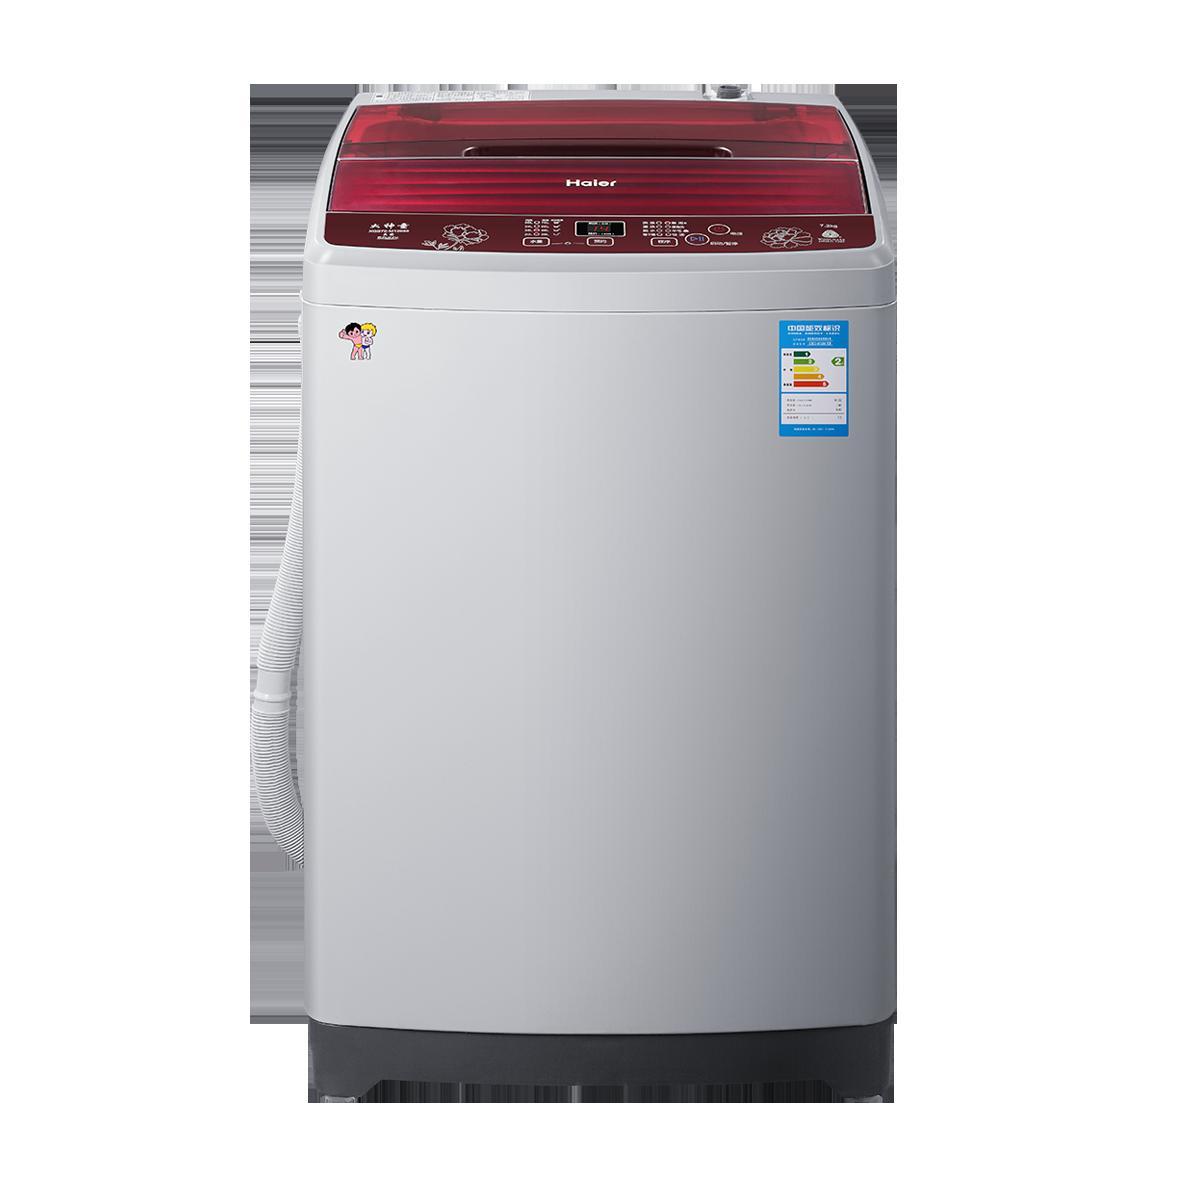 2公斤全自动洗衣机xqb72-m12688关爱